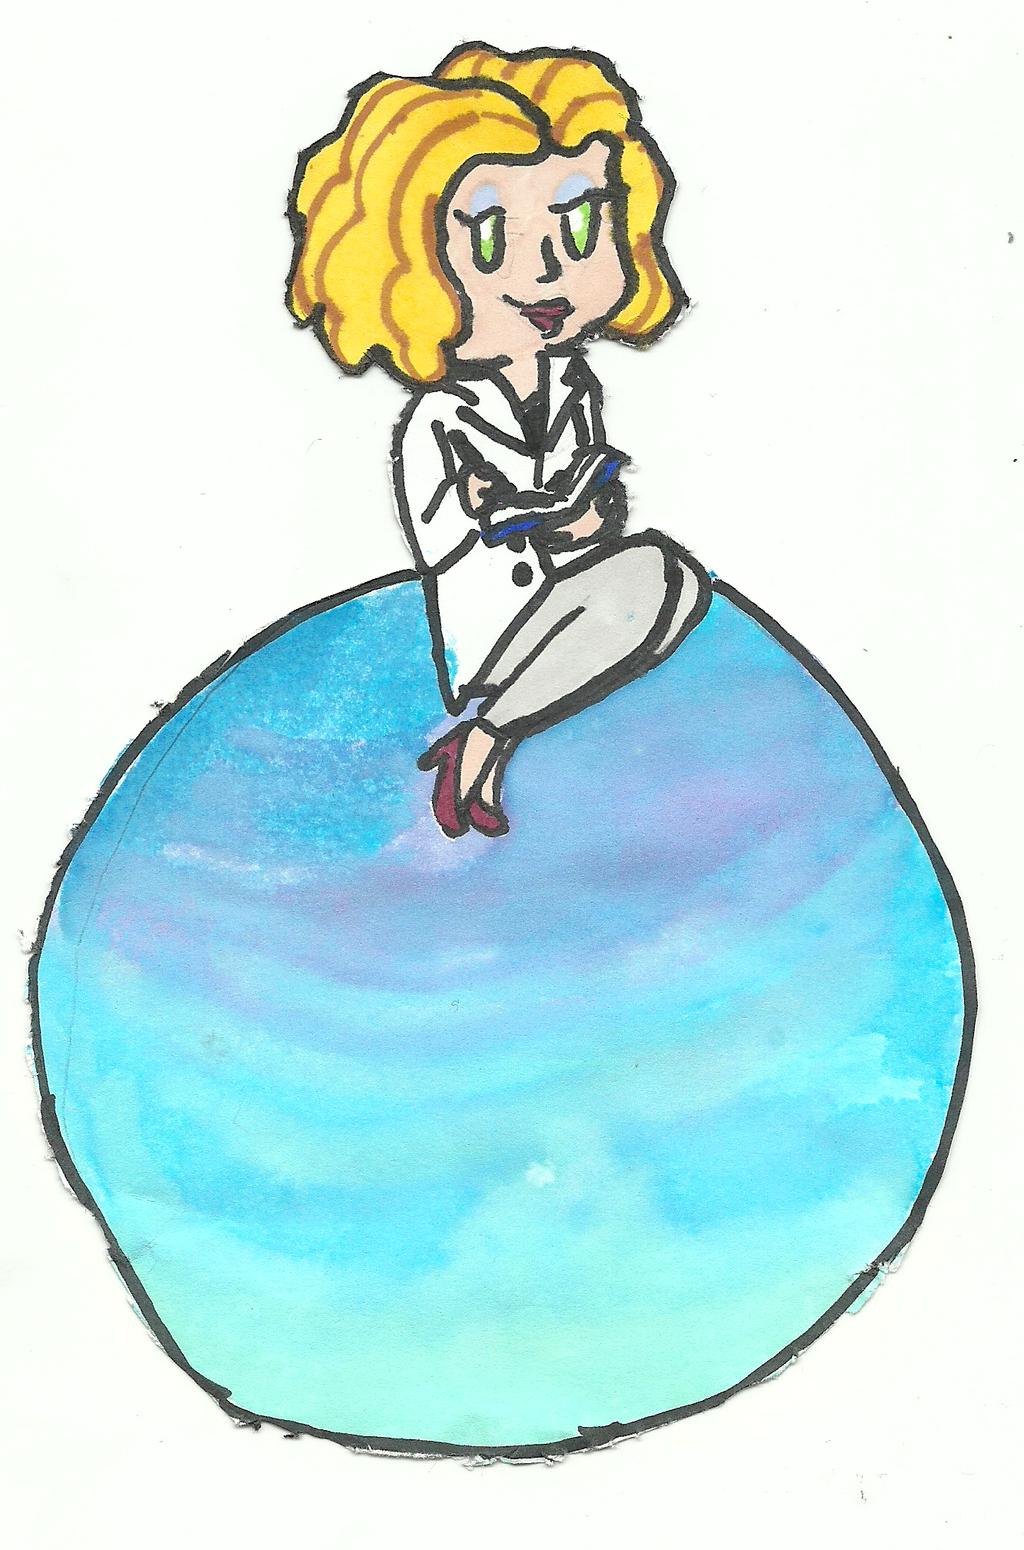 chibi planets background - photo #42